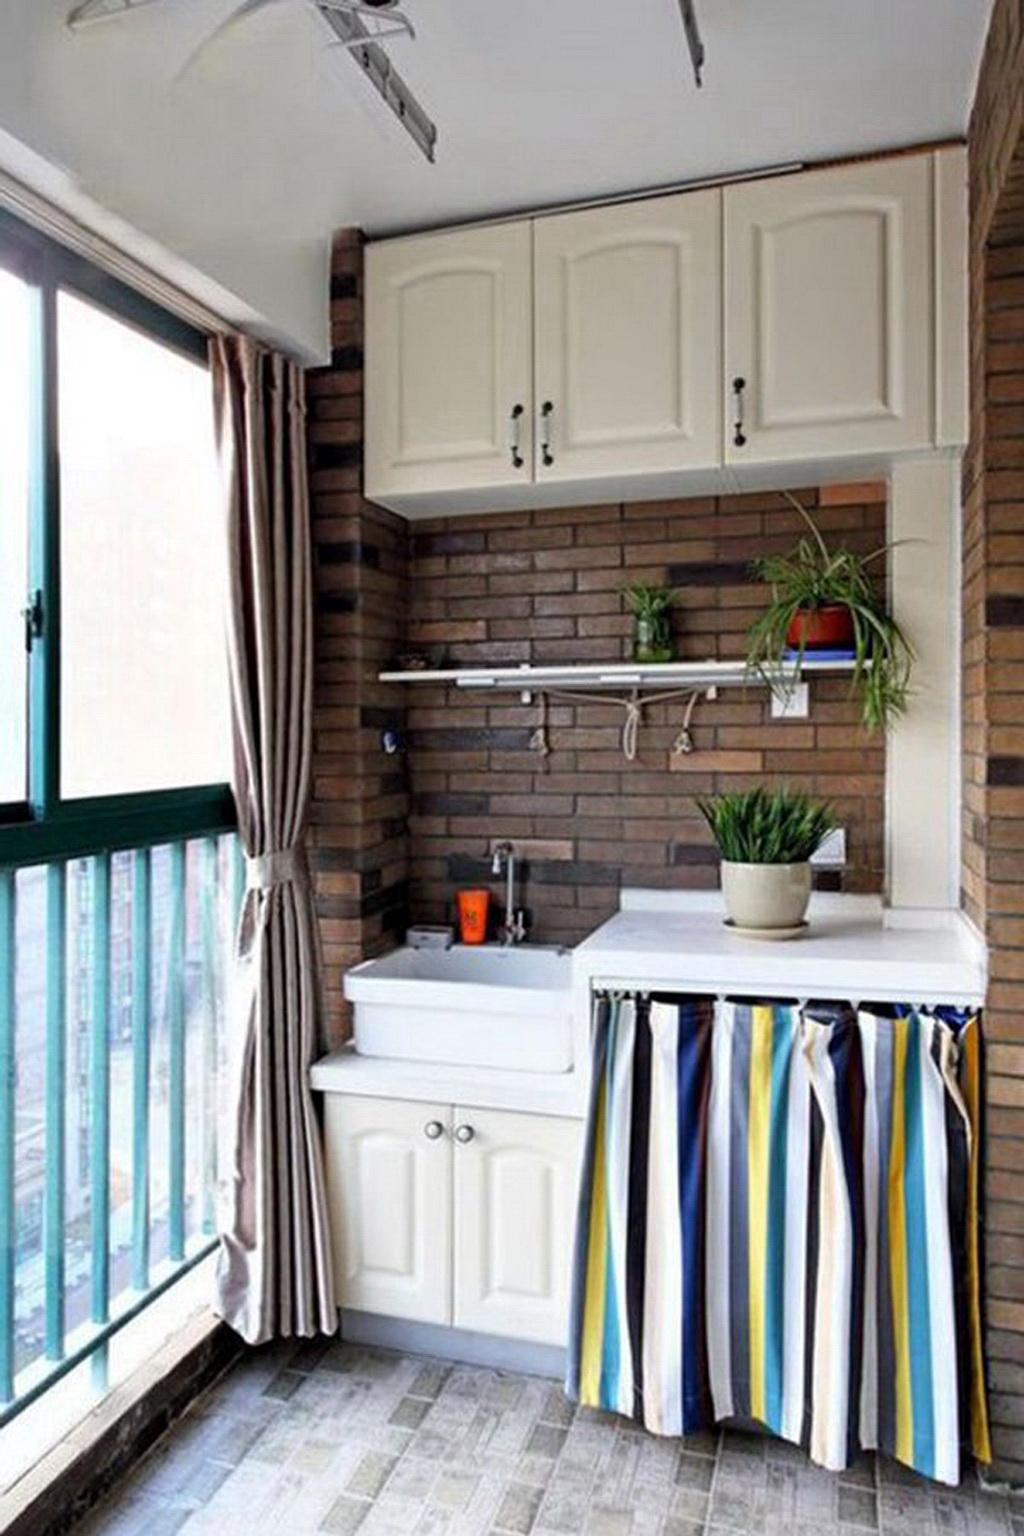 Ремонт кухни своими руками поэтапно: с чего начать отделку квартиры? 9